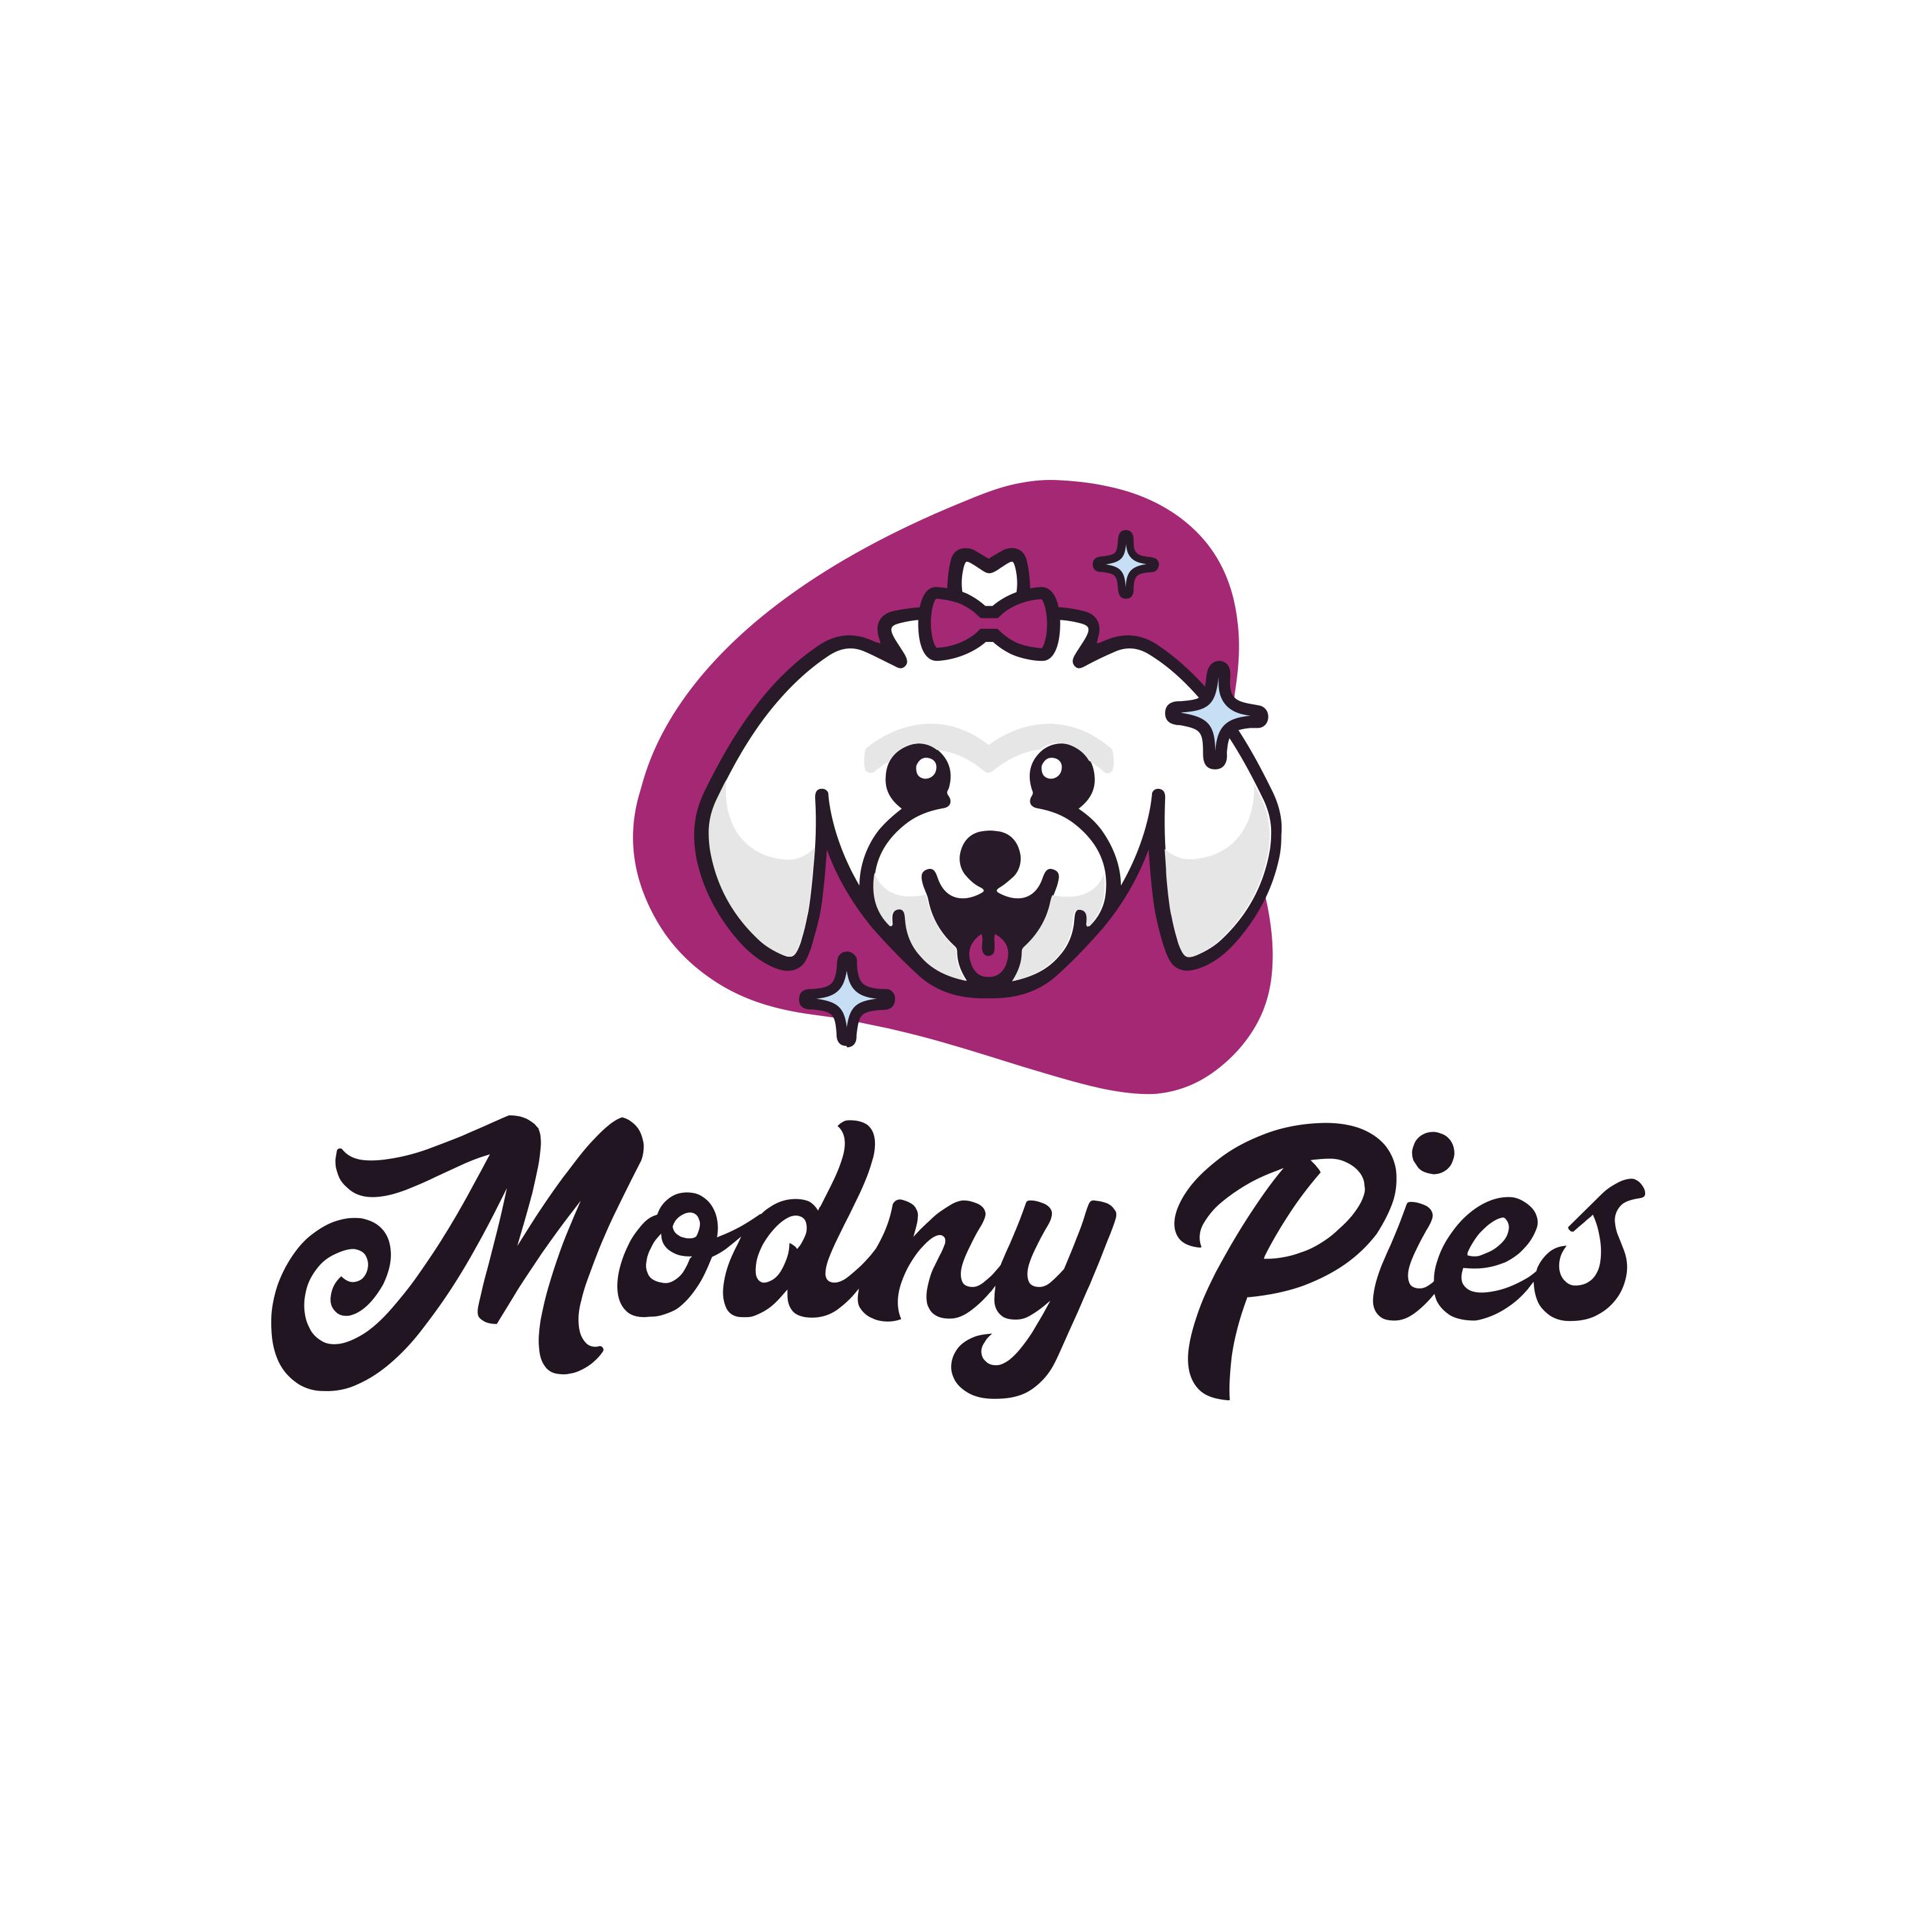 Modny Pies, salon pielęgnacji psów — identyfikacja wizualna